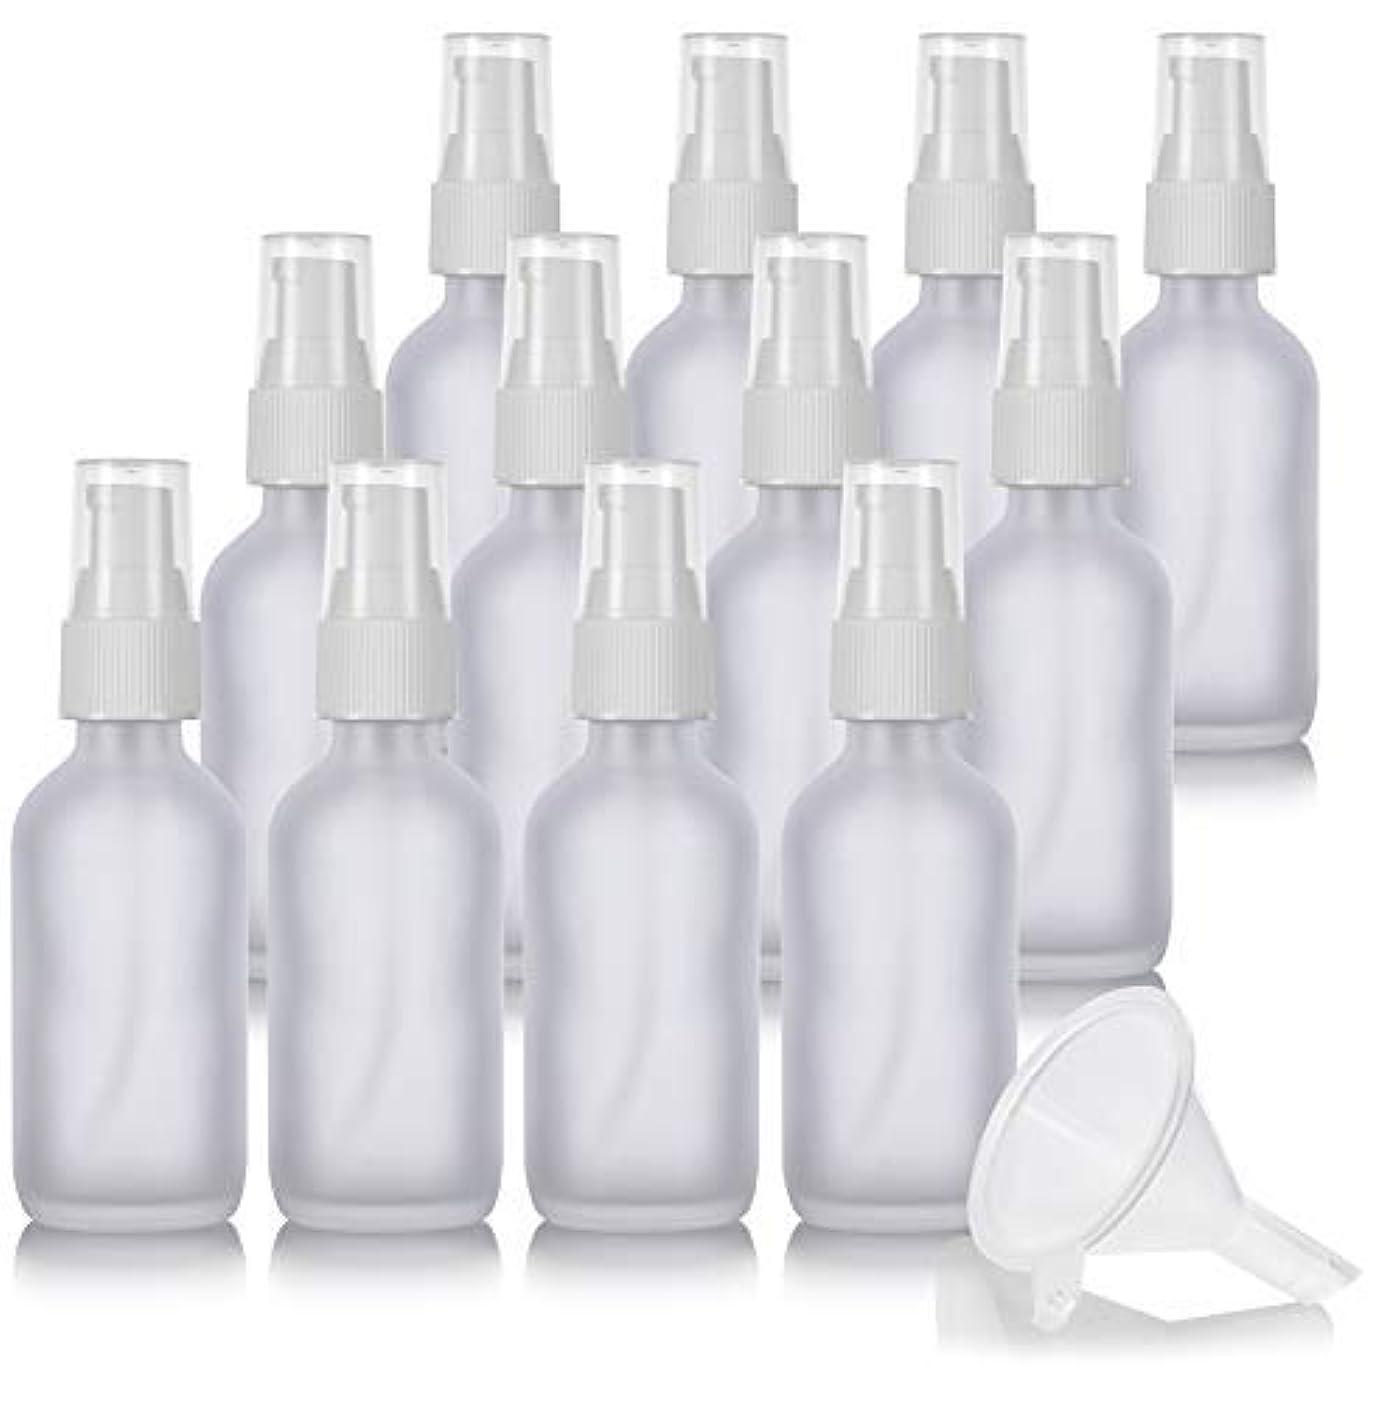 完全に乾く呼吸不振2 oz Frosted Clear Glass Boston Round White Treatment Pump Bottle (12 Pack) + Funnel and Labels for Cosmetics,...